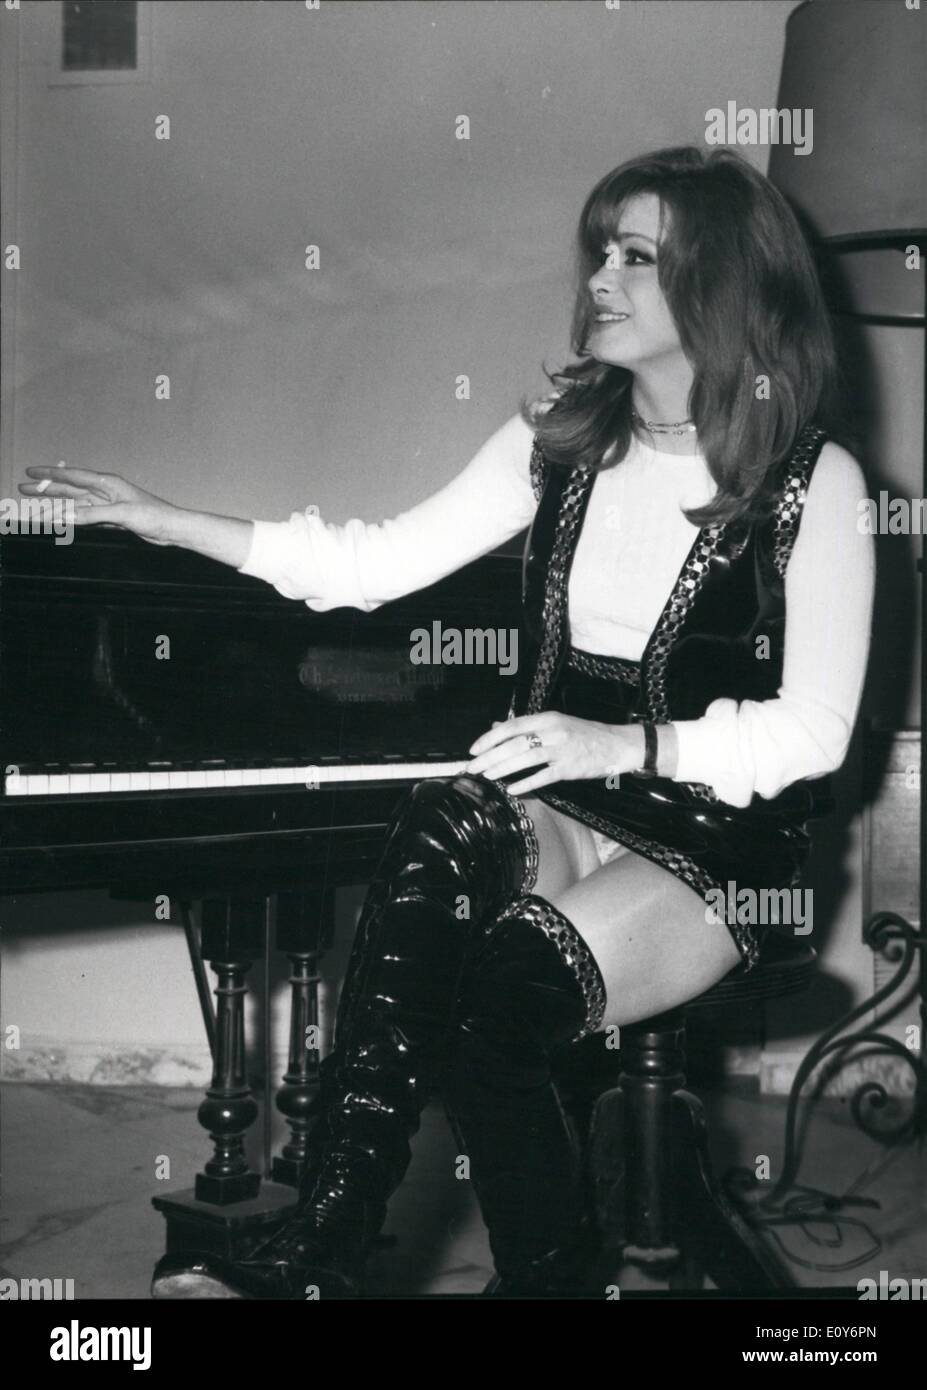 Forum on this topic: Deepika Singh 2011, margaret-lee-english-actress/